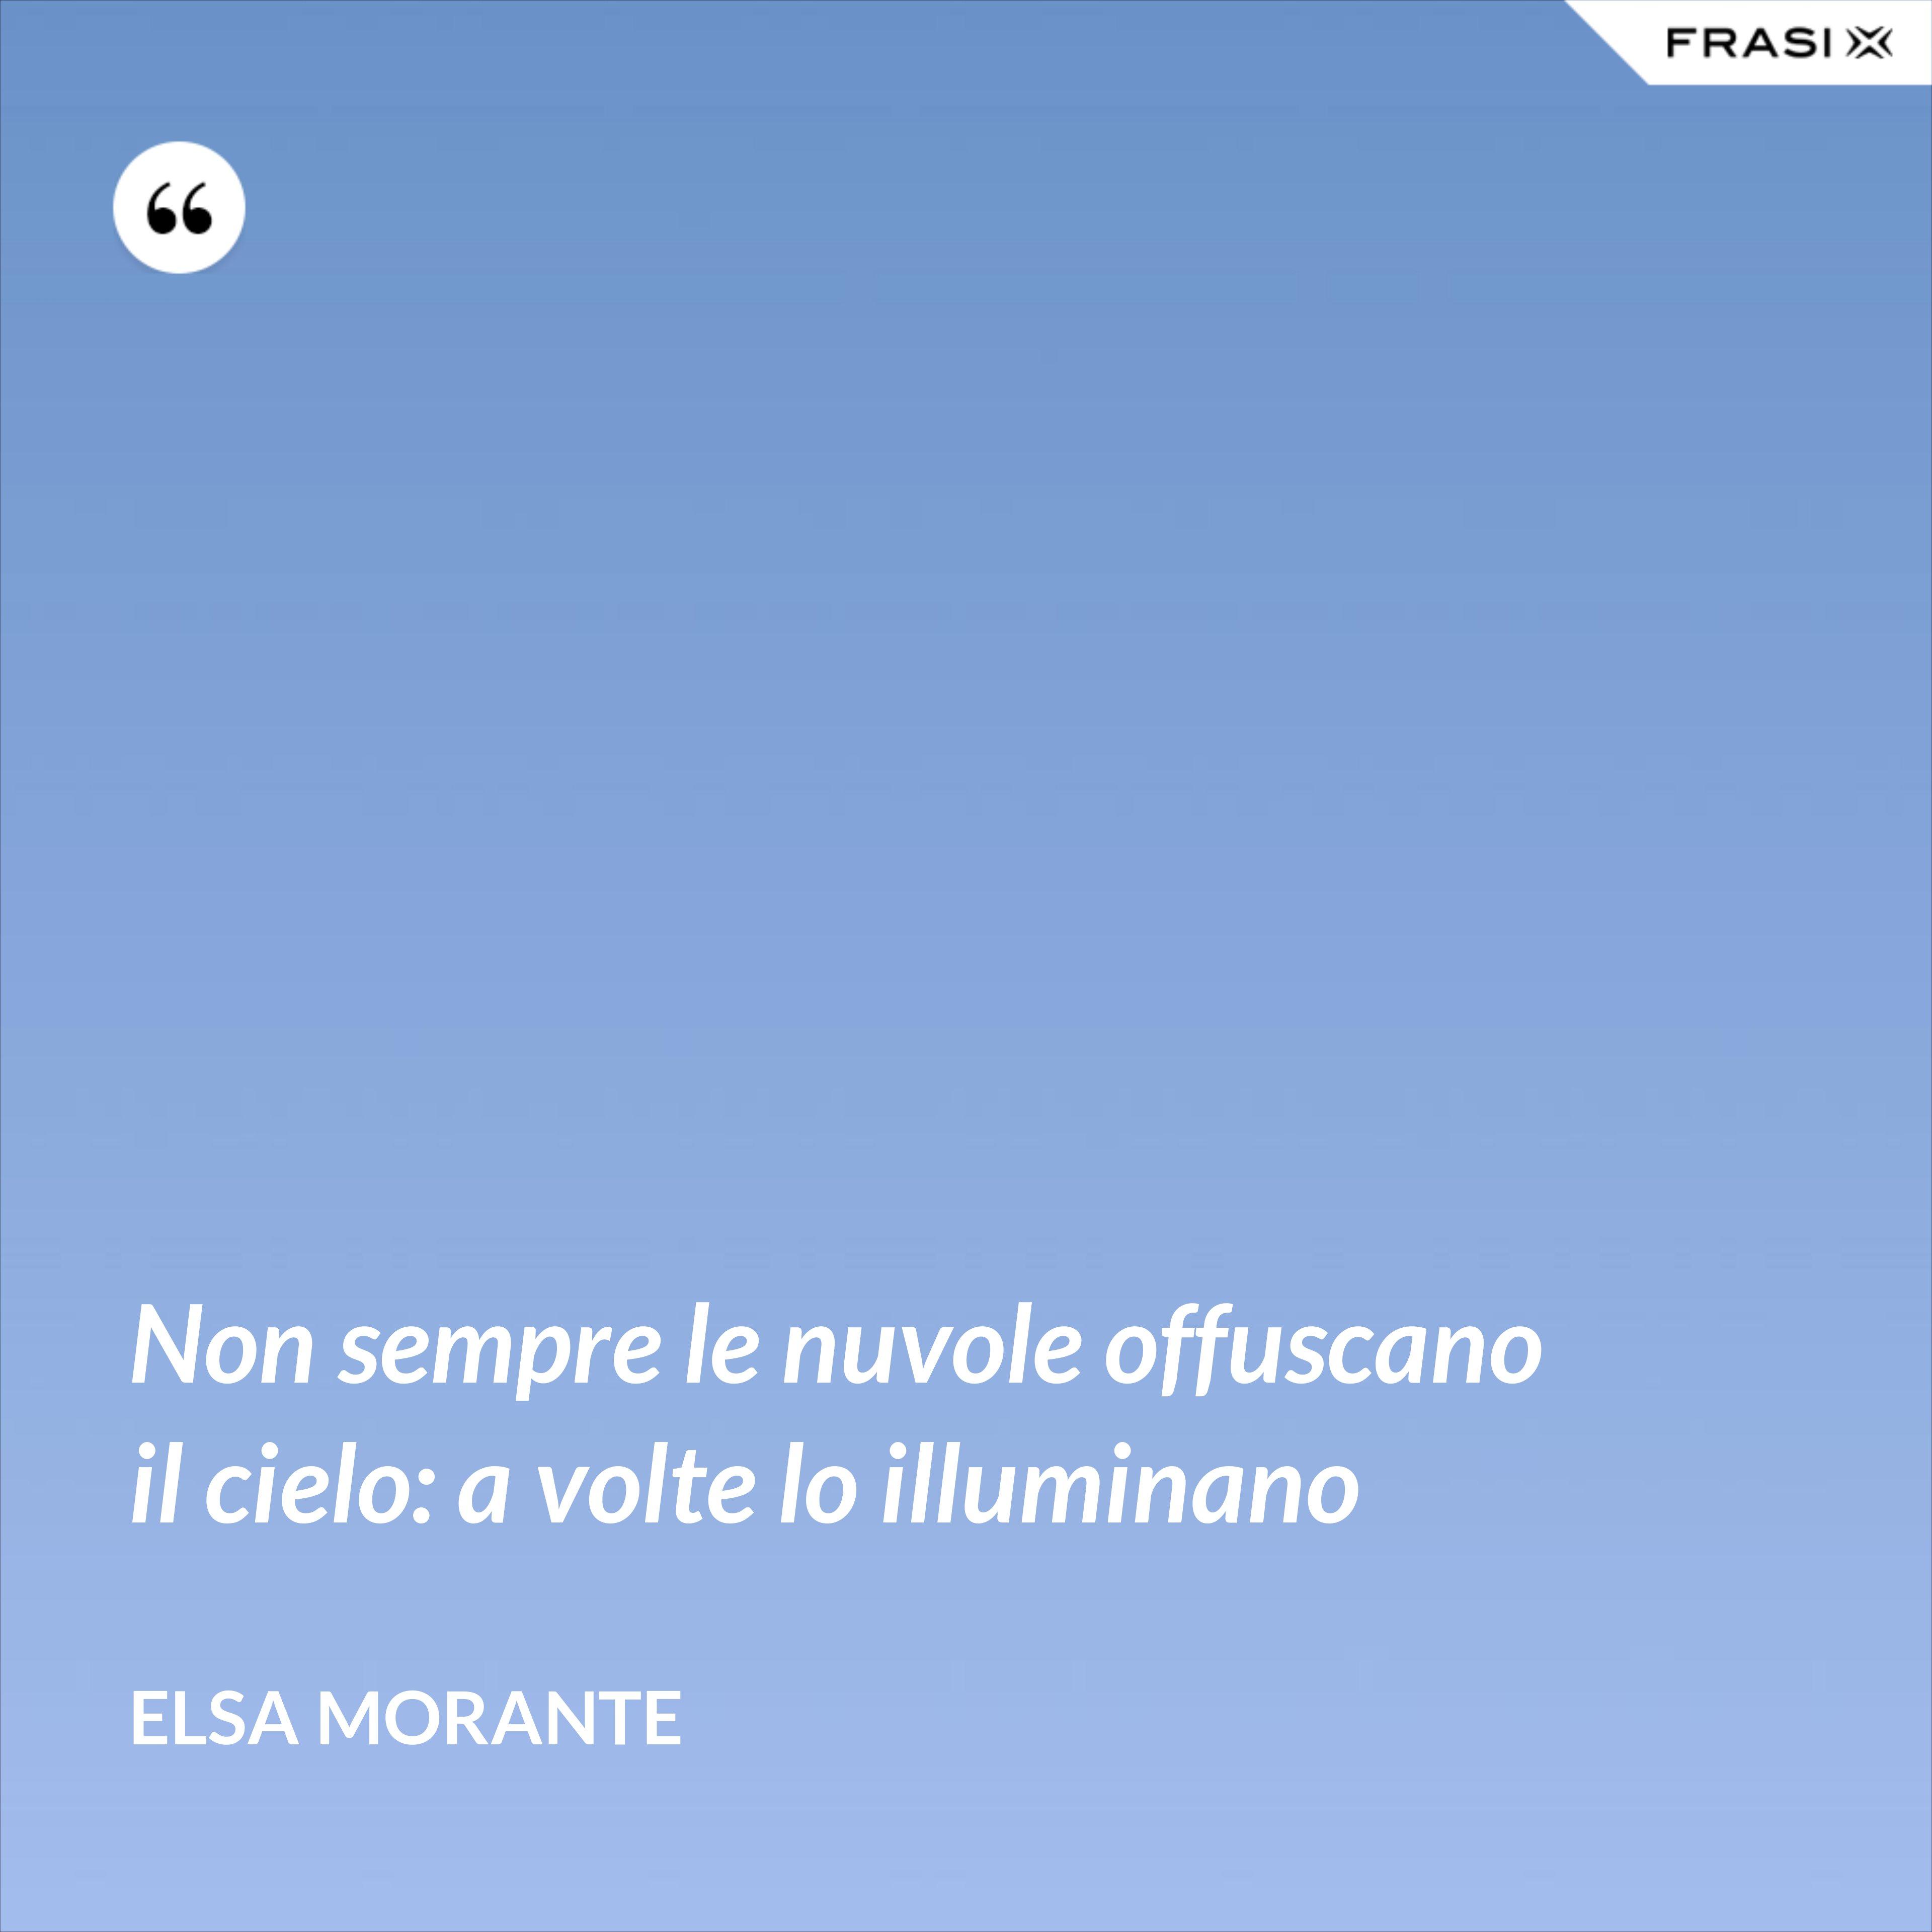 Non sempre le nuvole offuscano il cielo: a volte lo illuminano - Elsa Morante